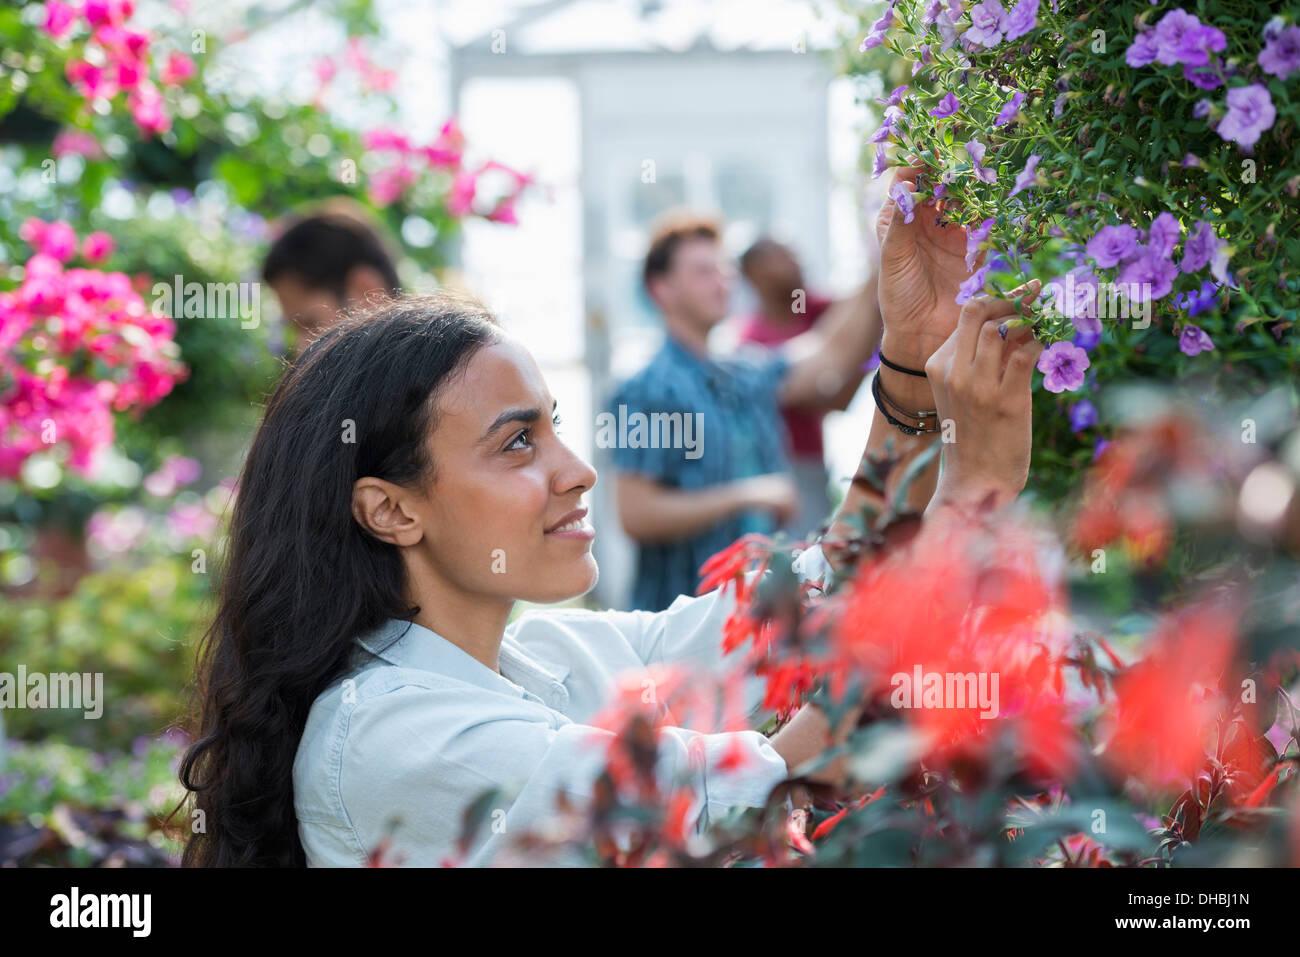 Una serra commerciale in un vivaio coltivazione fiori organici. Un gruppo di persone che lavorano. Immagini Stock